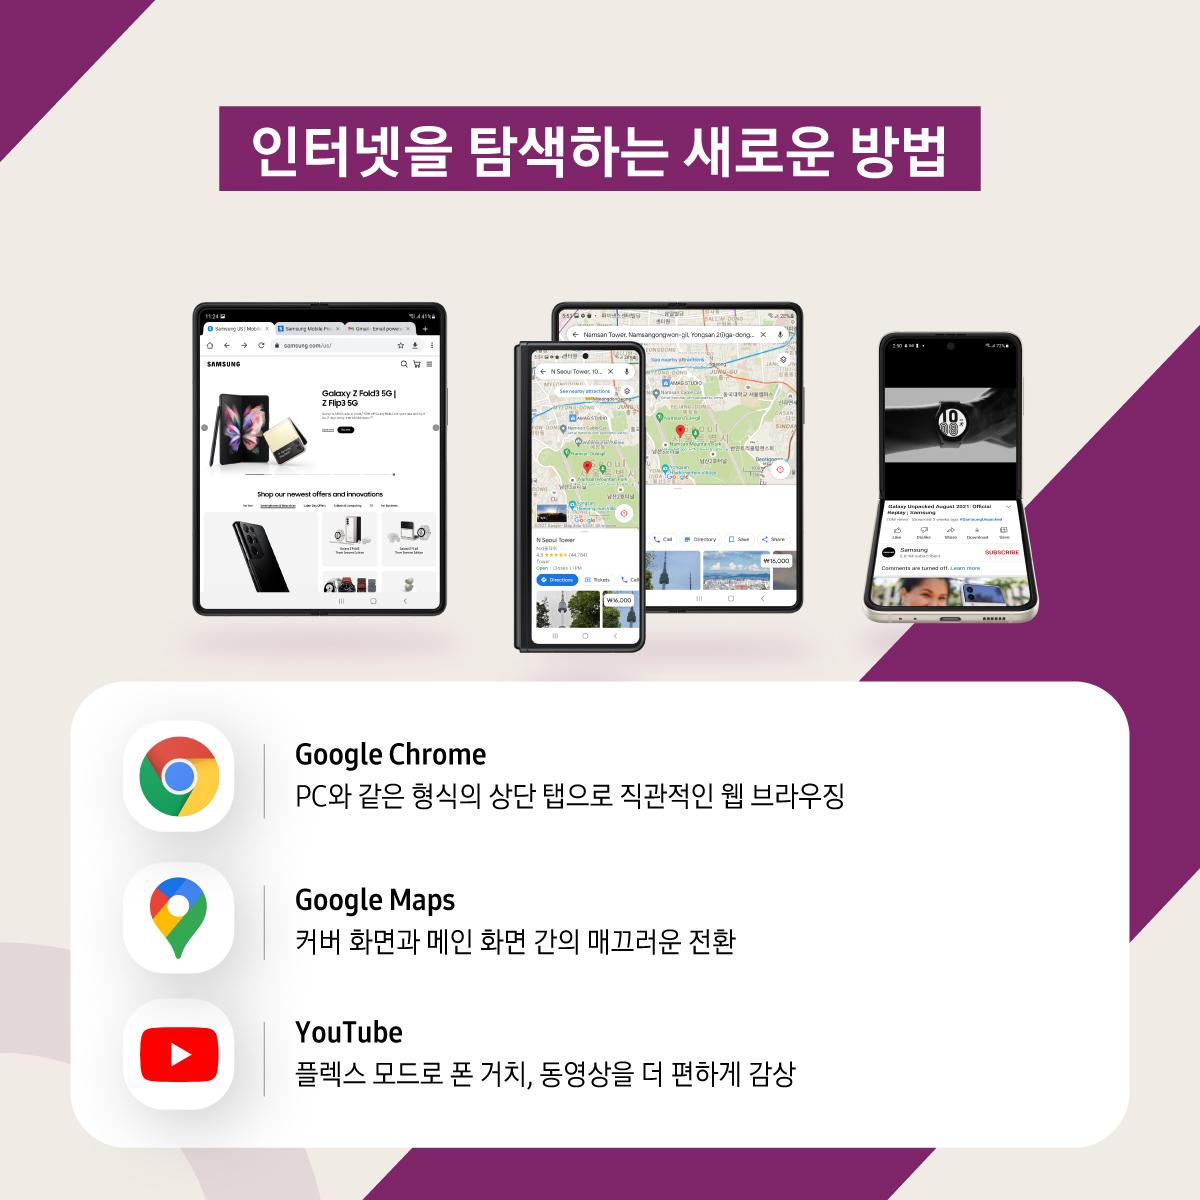 인터넷을 탐색하는 새로운 방법 구글 크롬 PC와 같은 형식의 상단 탭으로 직관적인 웹 브라우징  구글 지도 커버 화면과 메인 화면 간의 매끄러운 전환  유튜브 플렉스 모드로 폰 거치, 동영상을 더 편하게 감상